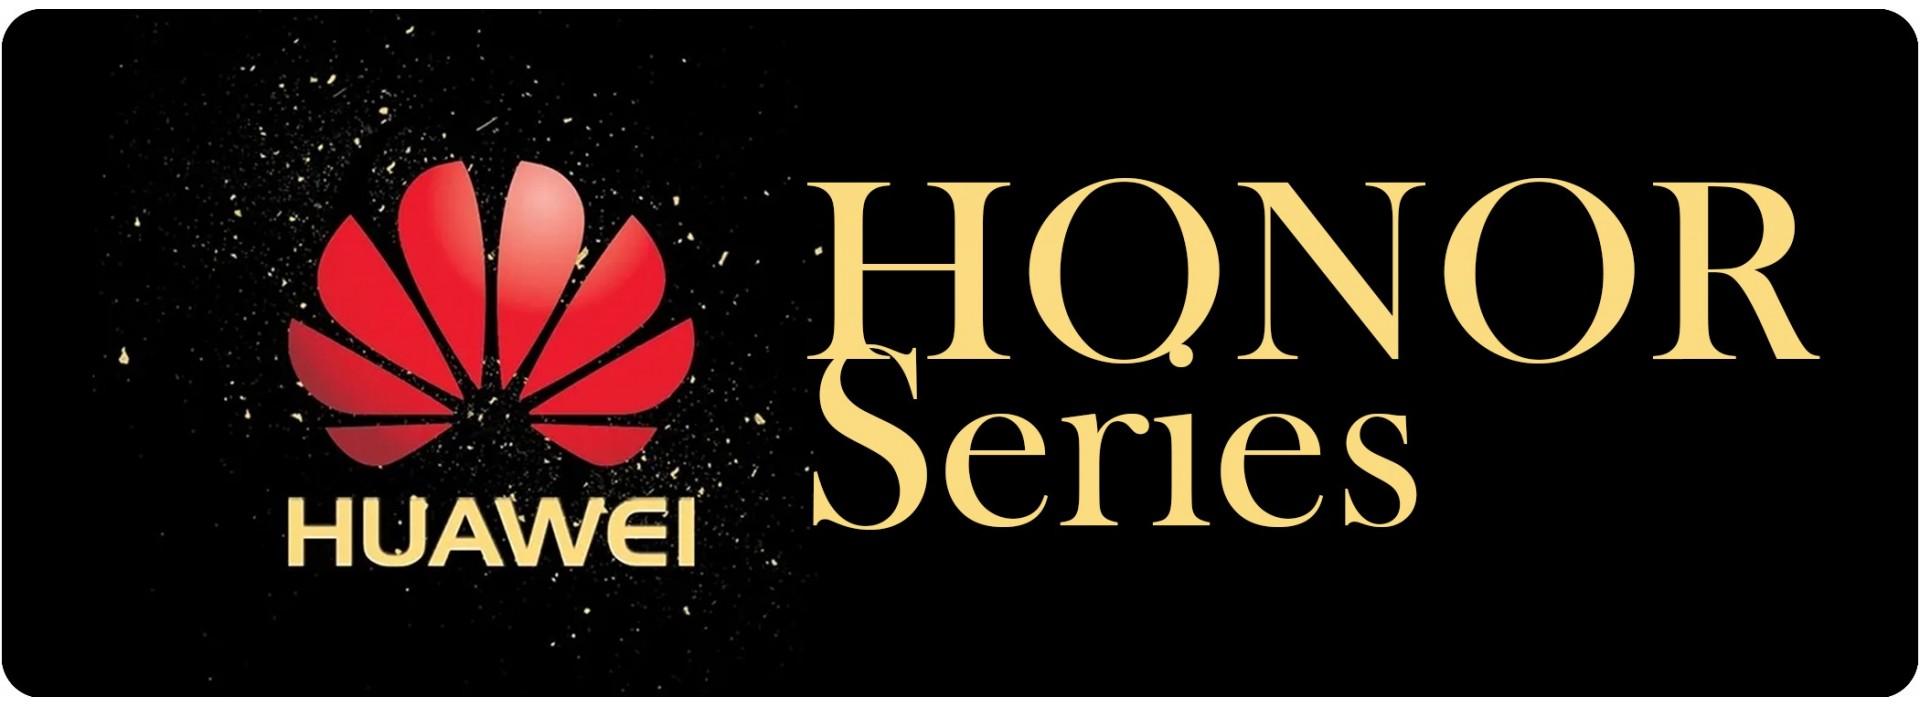 Fundas PERSONALIZADAS Huawei Serie Honor, compra ya, Envío Gratis en TMS